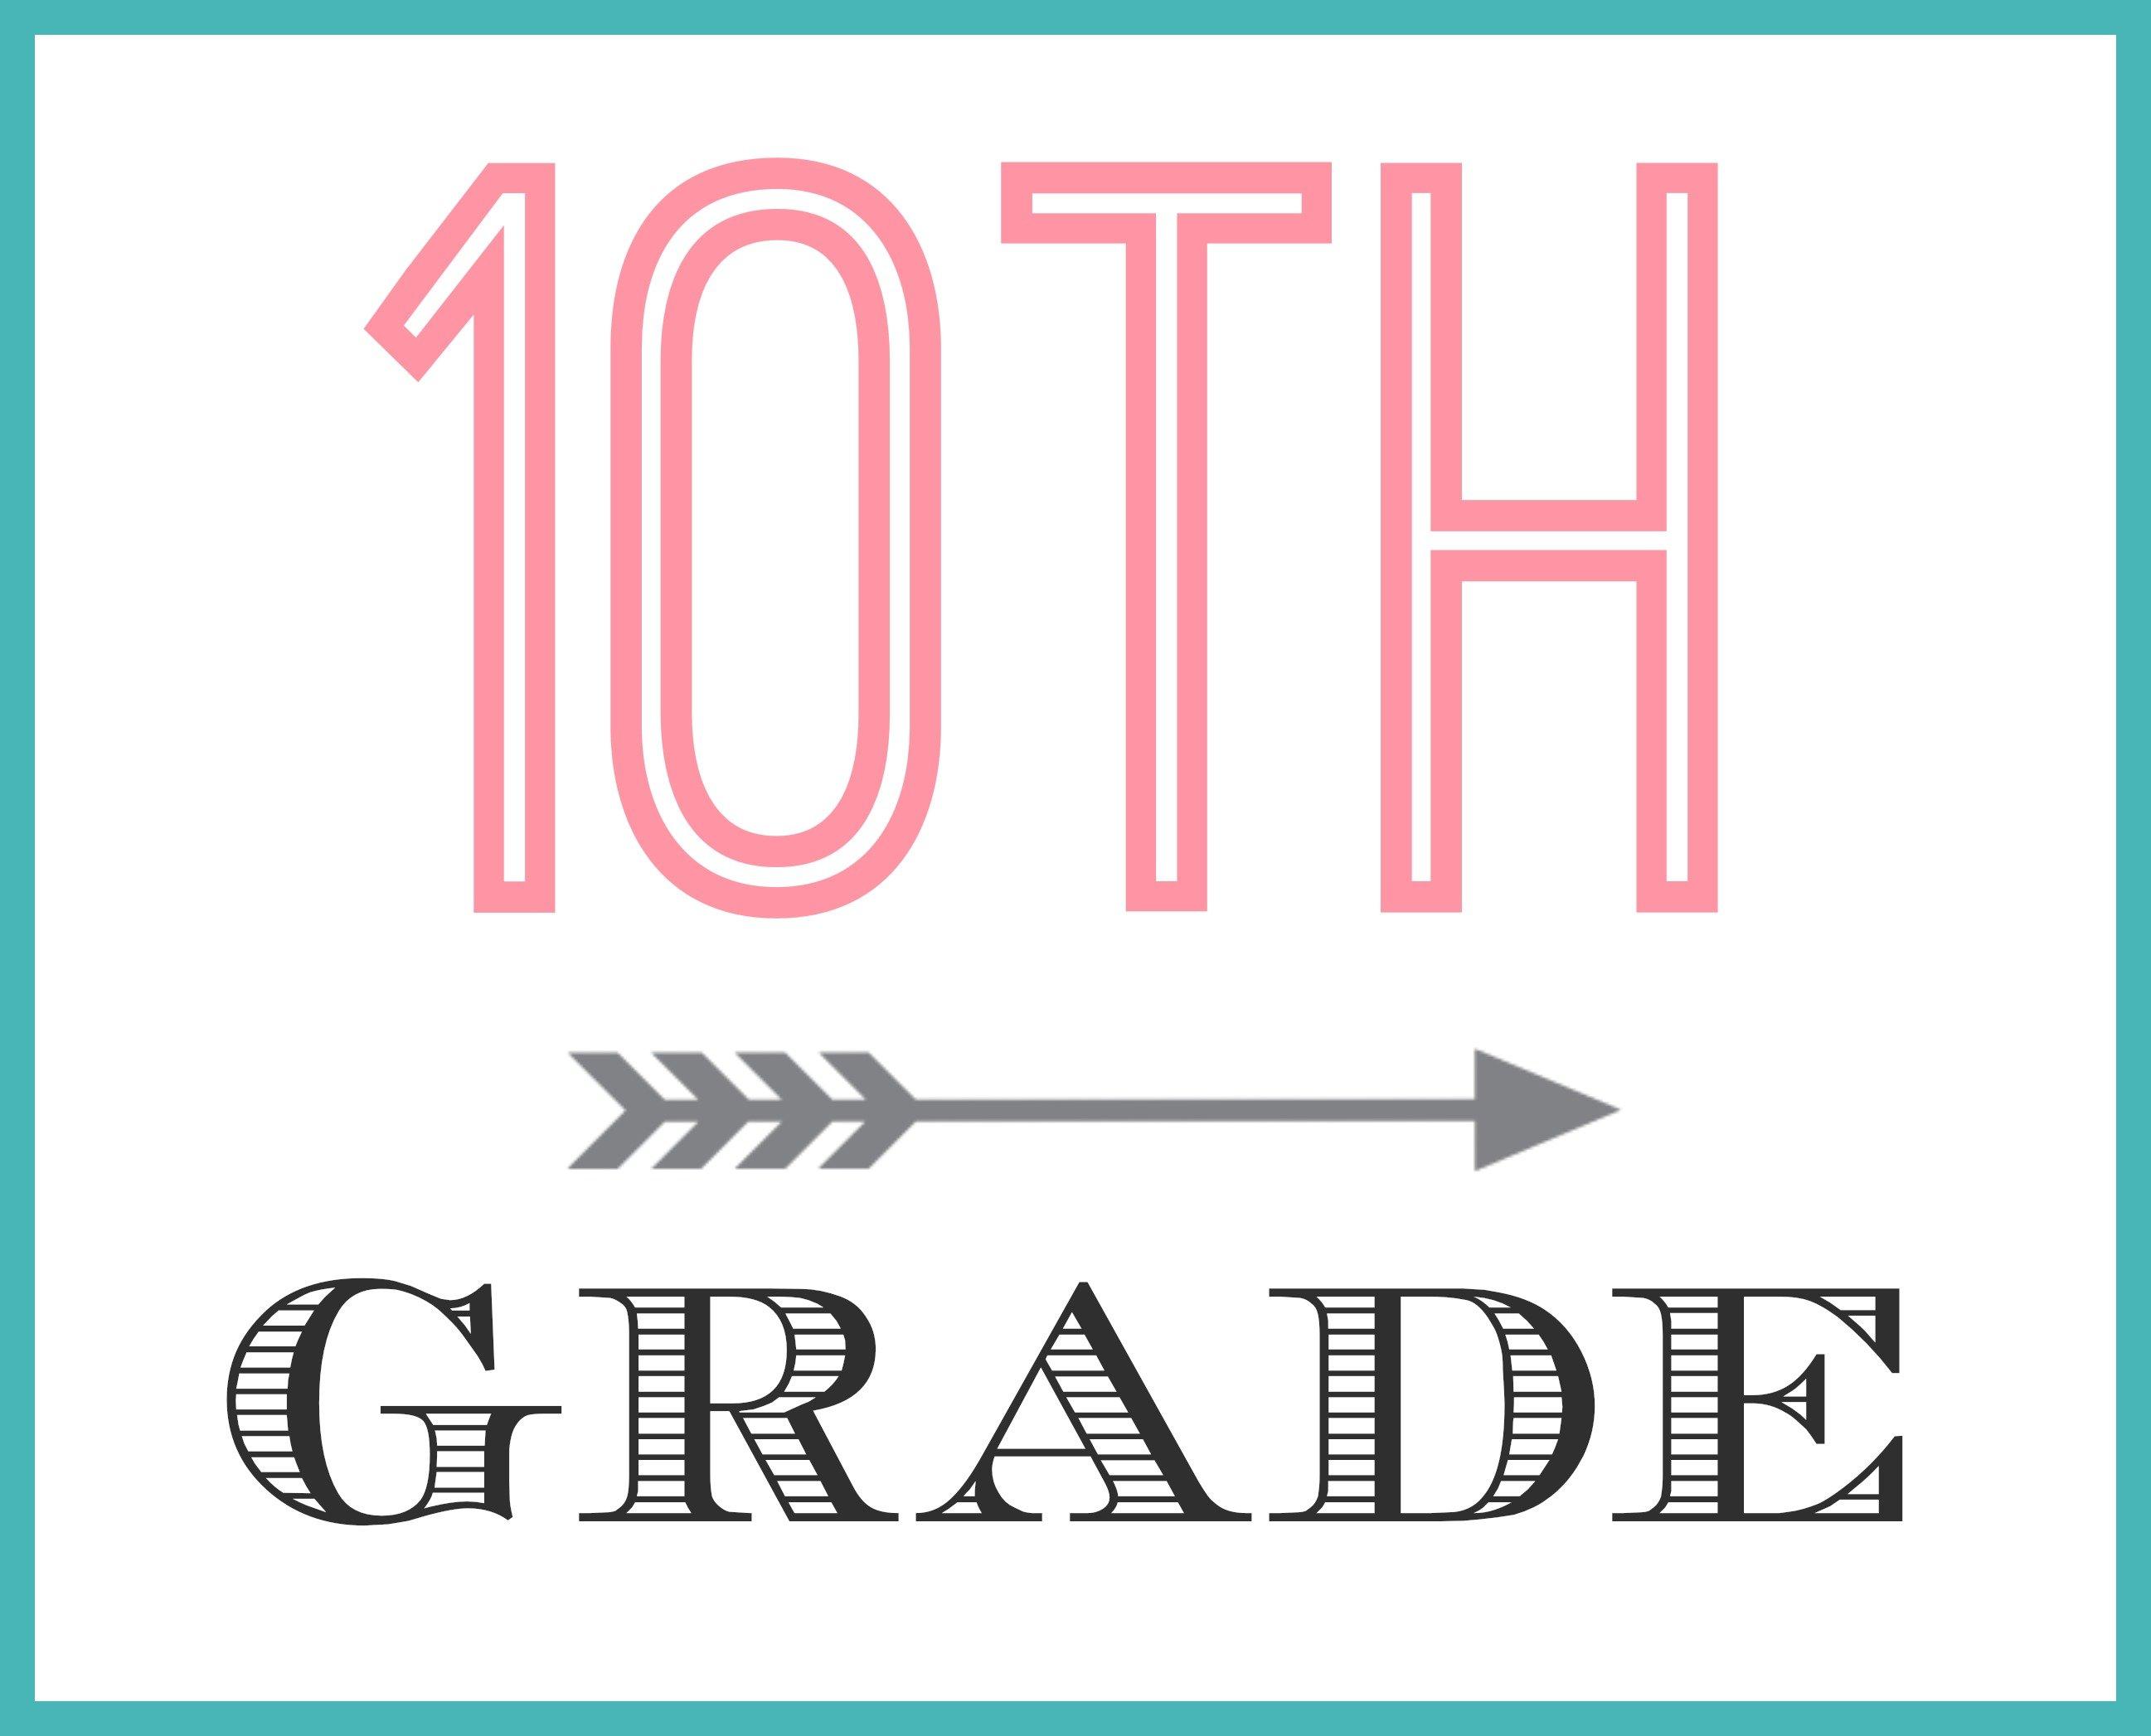 10th grader dating a 7th grader